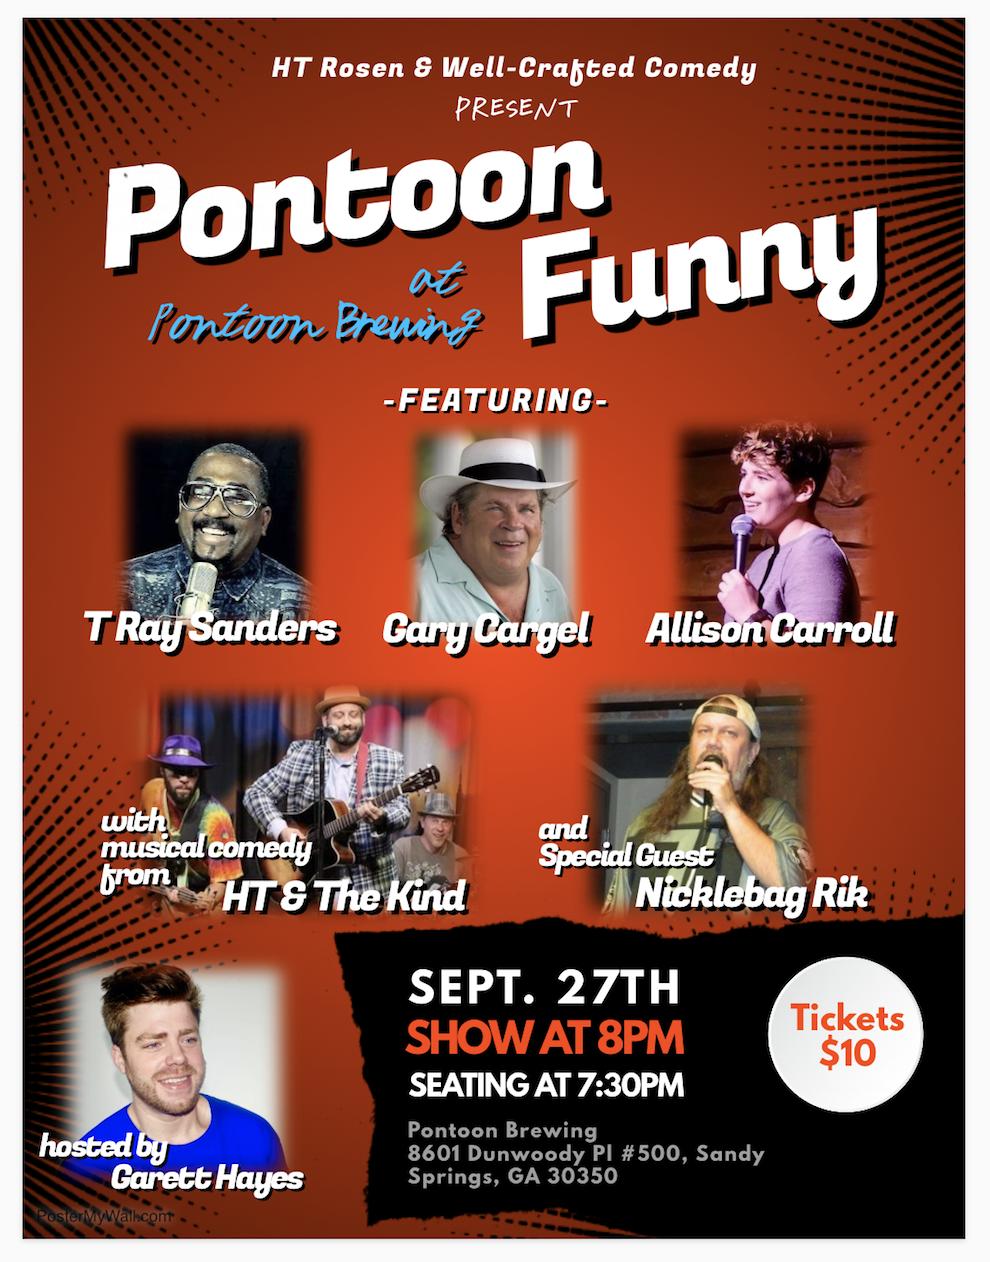 Pontoon Brewing logo, comedy show